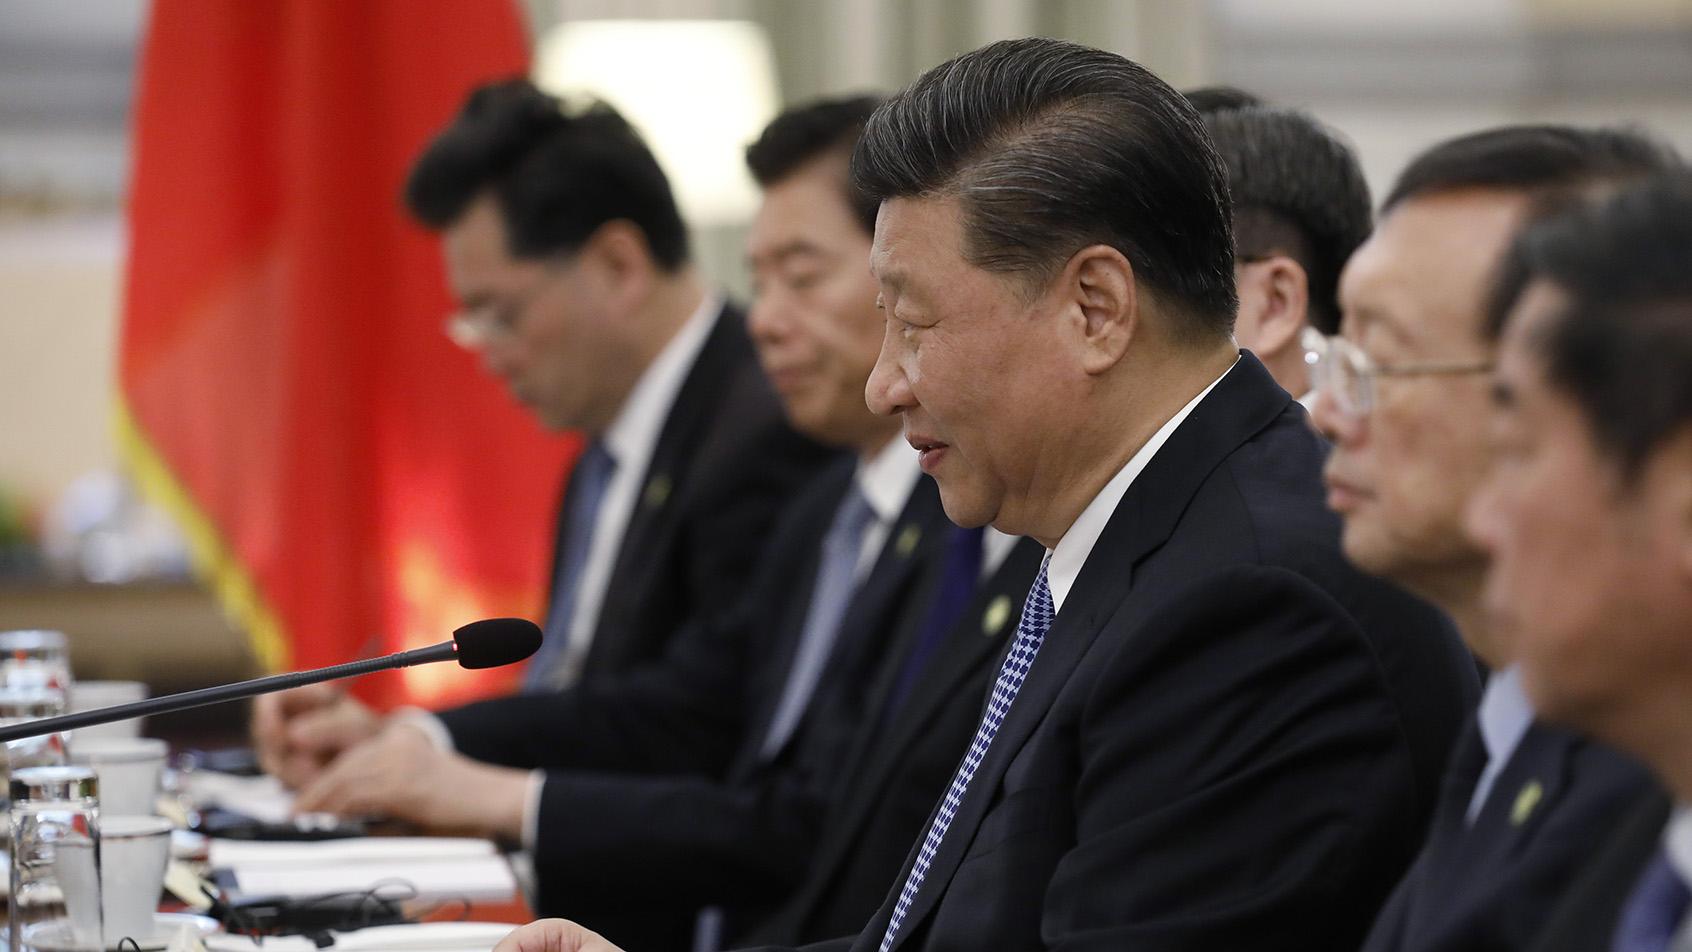 2019年11月11日,在四中全会之后不久,中国国家主席习近平出席外事活动。图为习近平(右三)在雅典同希腊总理米佐塔基斯会谈。 (美联社)